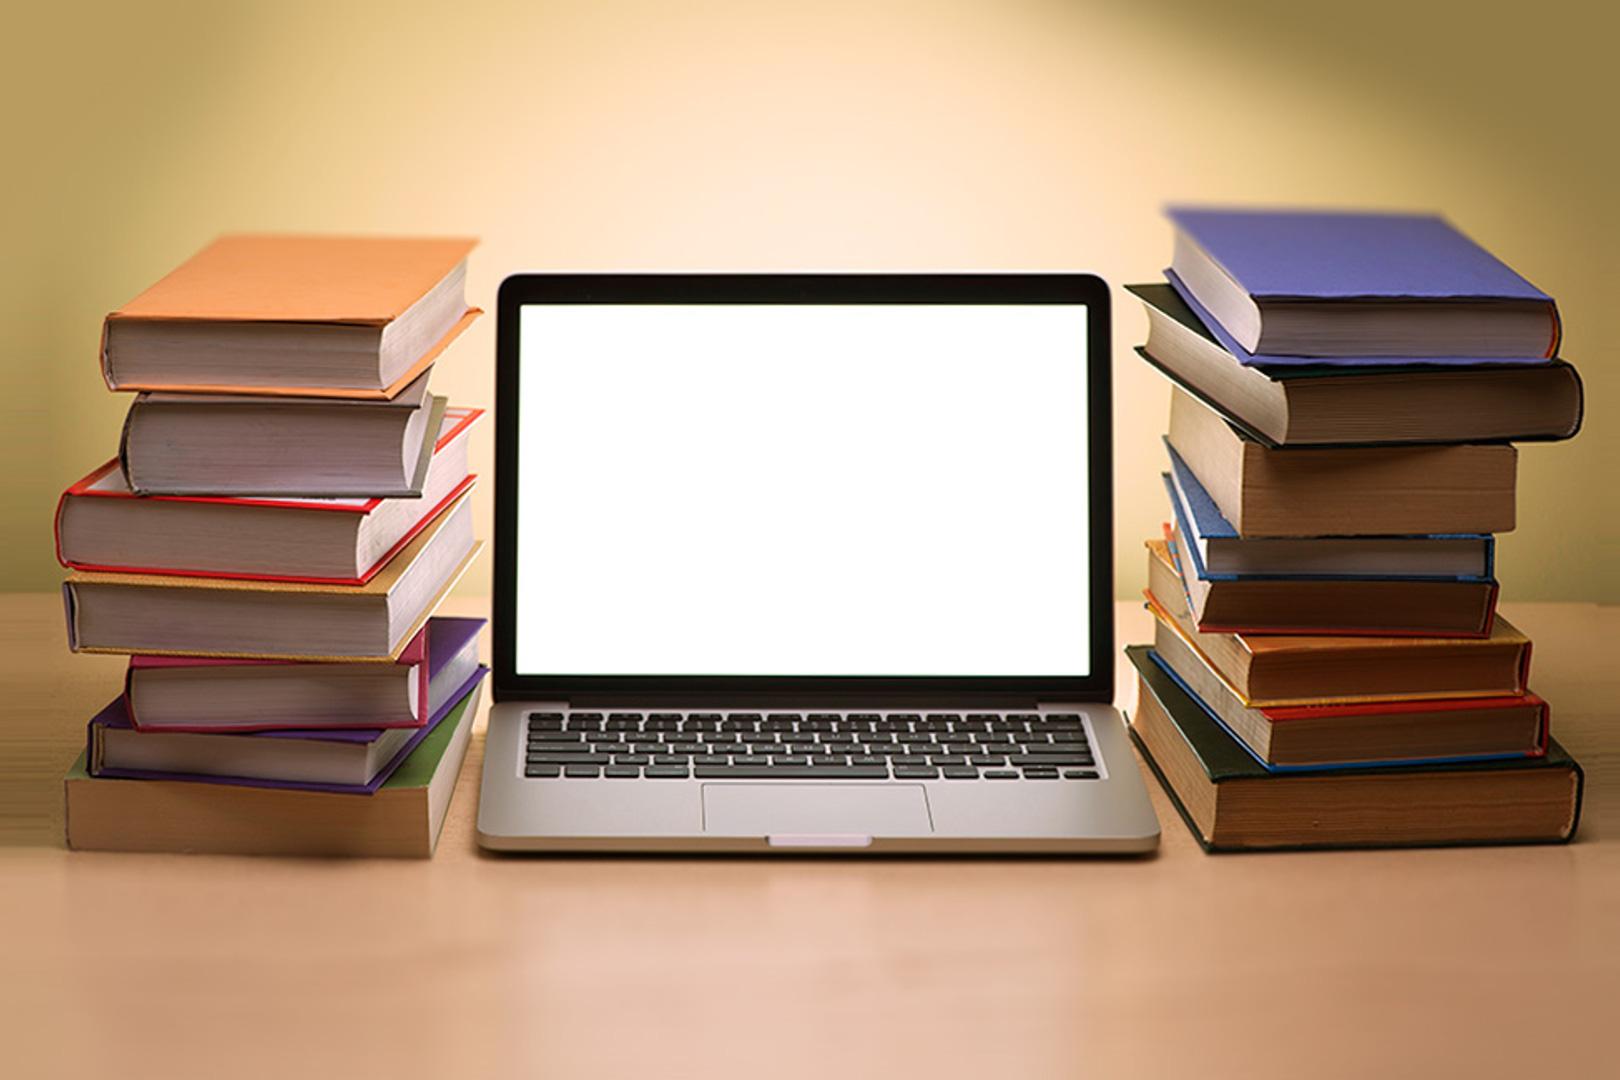 Ноутбук и книги на столе